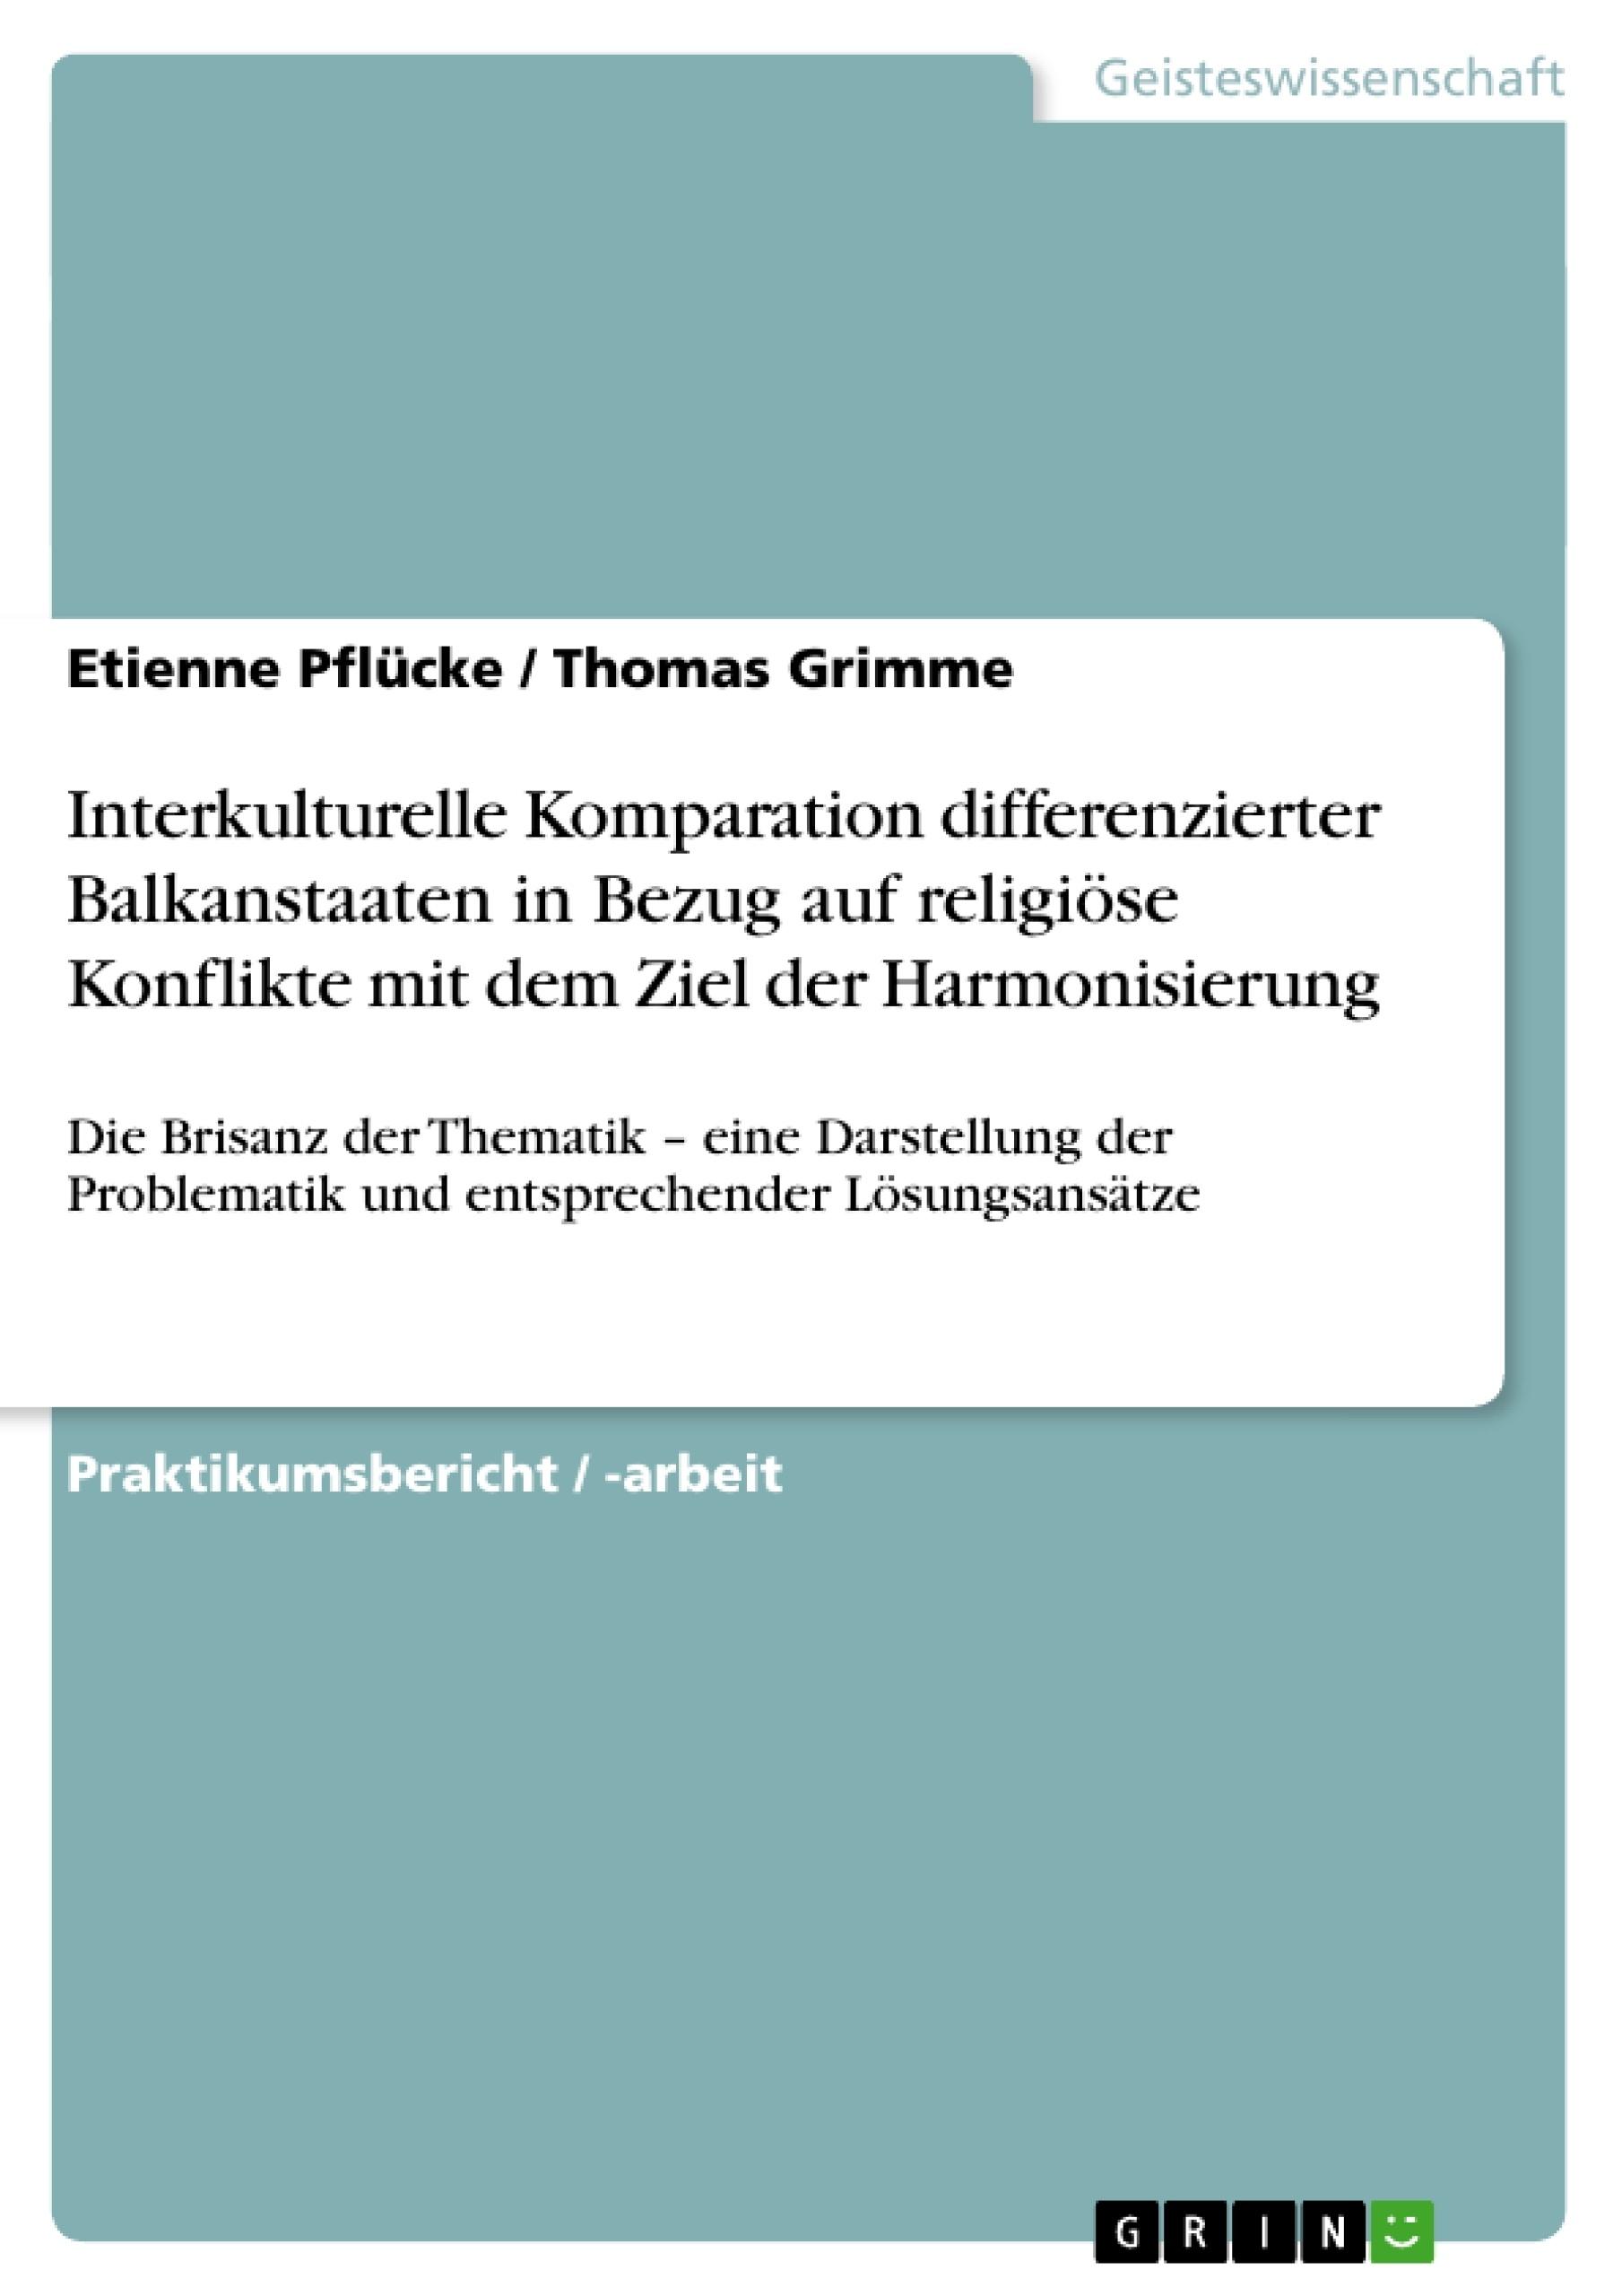 Titel: Interkulturelle Komparation differenzierter Balkanstaaten in Bezug auf religiöse Konflikte mit dem Ziel der Harmonisierung